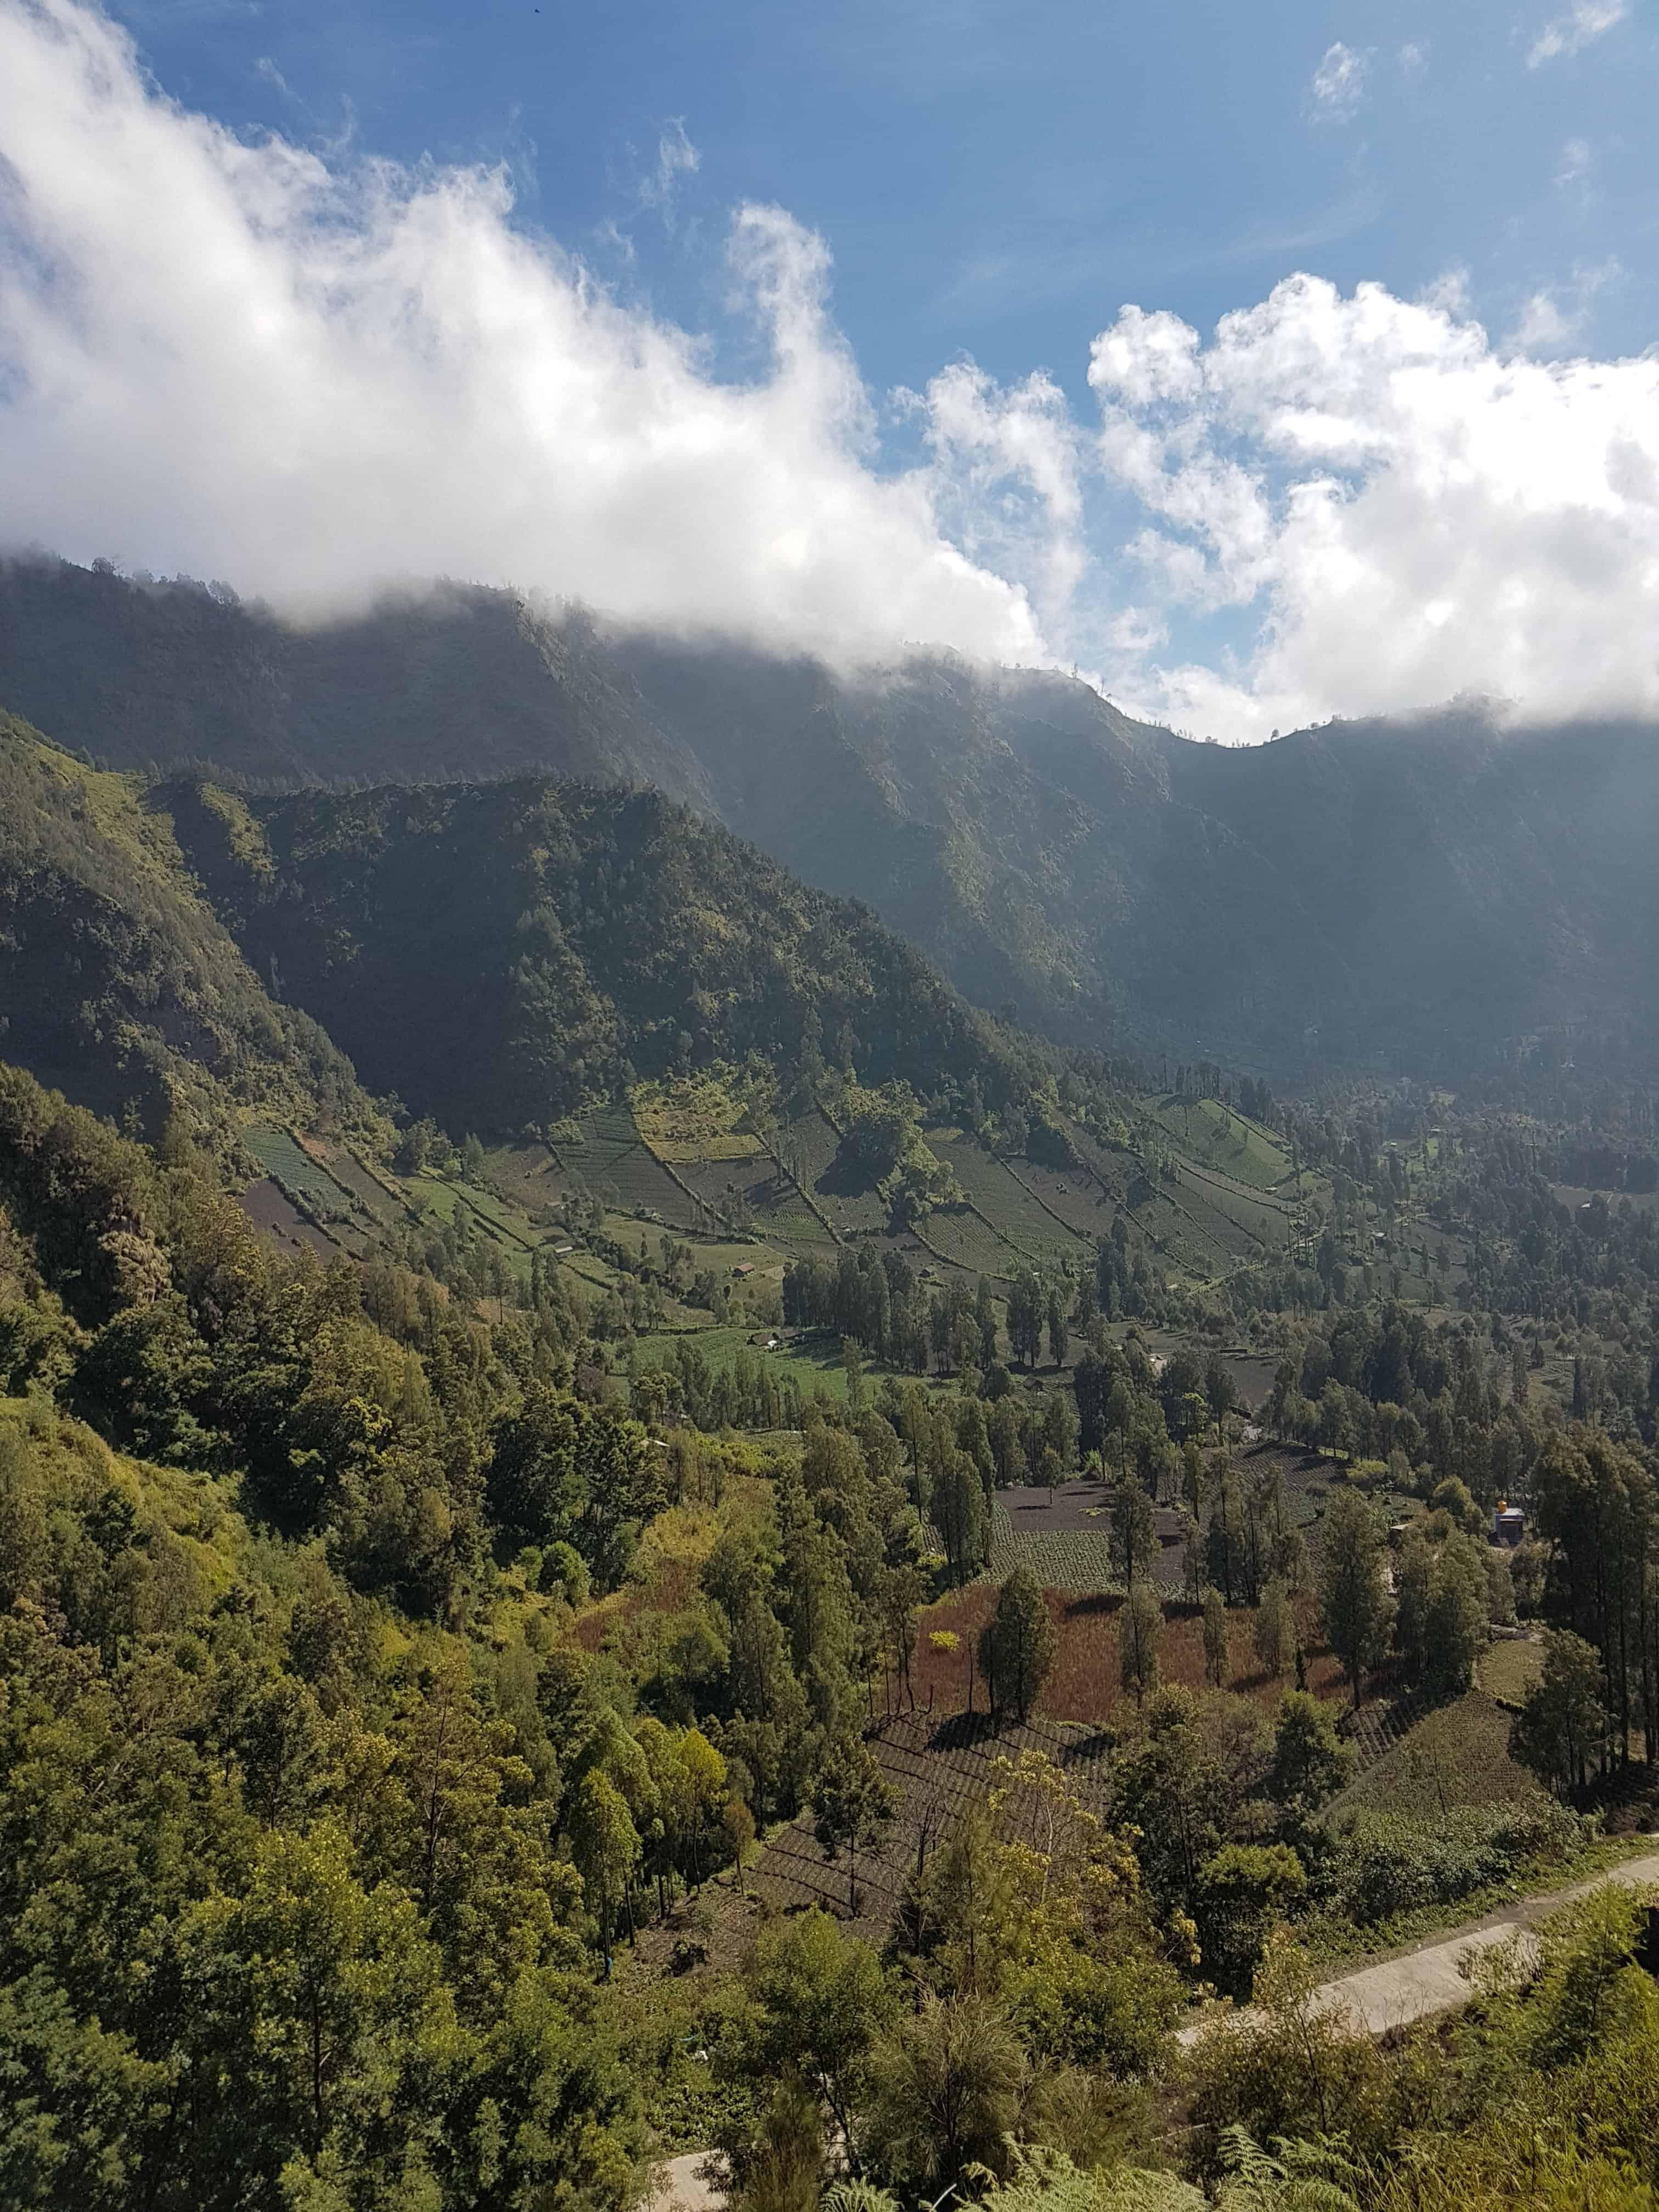 Paysage autour du Mont Bromo, Indonésie